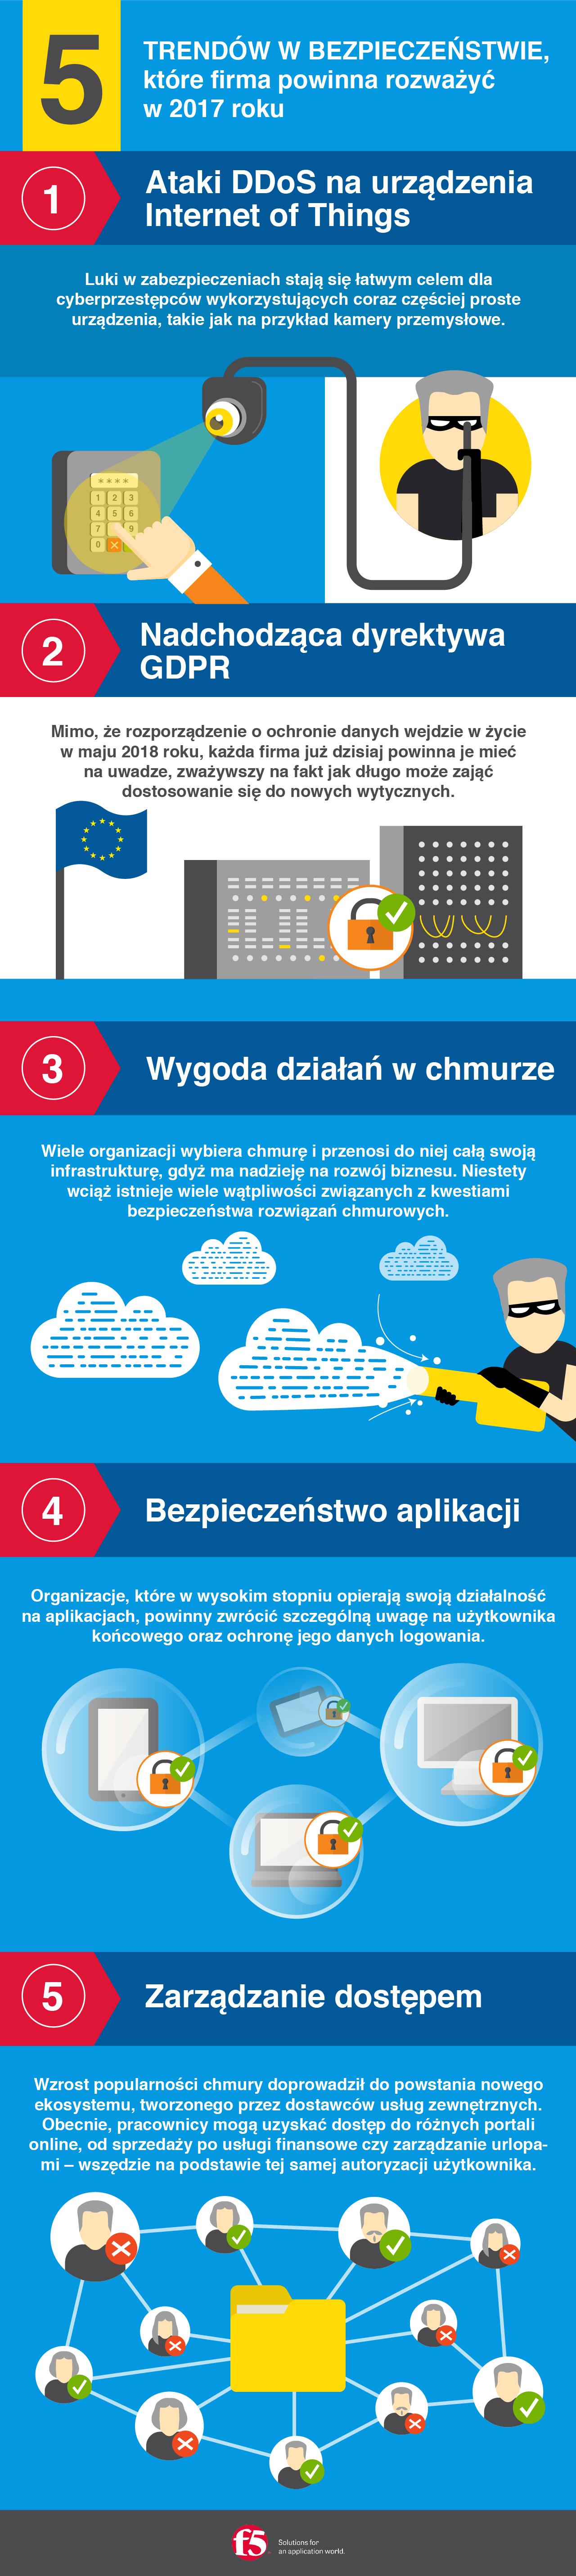 5-trendow-w-bezpieczenstwie-f5-infografika